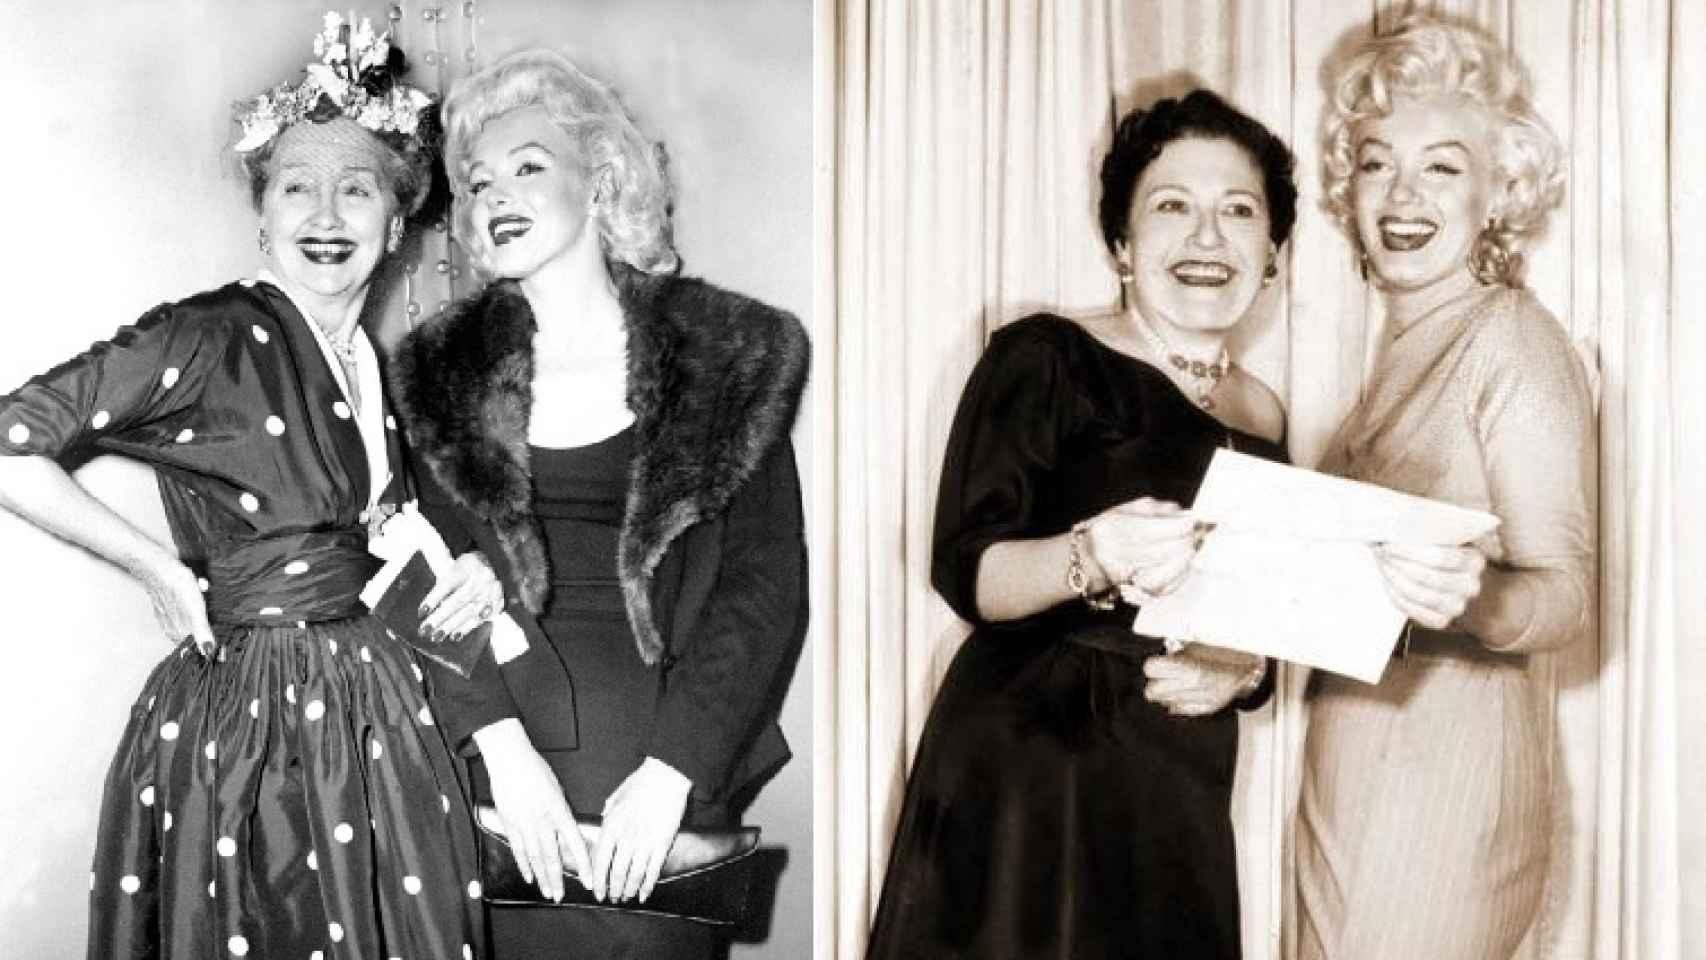 Las cronistas Hopper y Parsons acompañadas de Marilyn Monroe